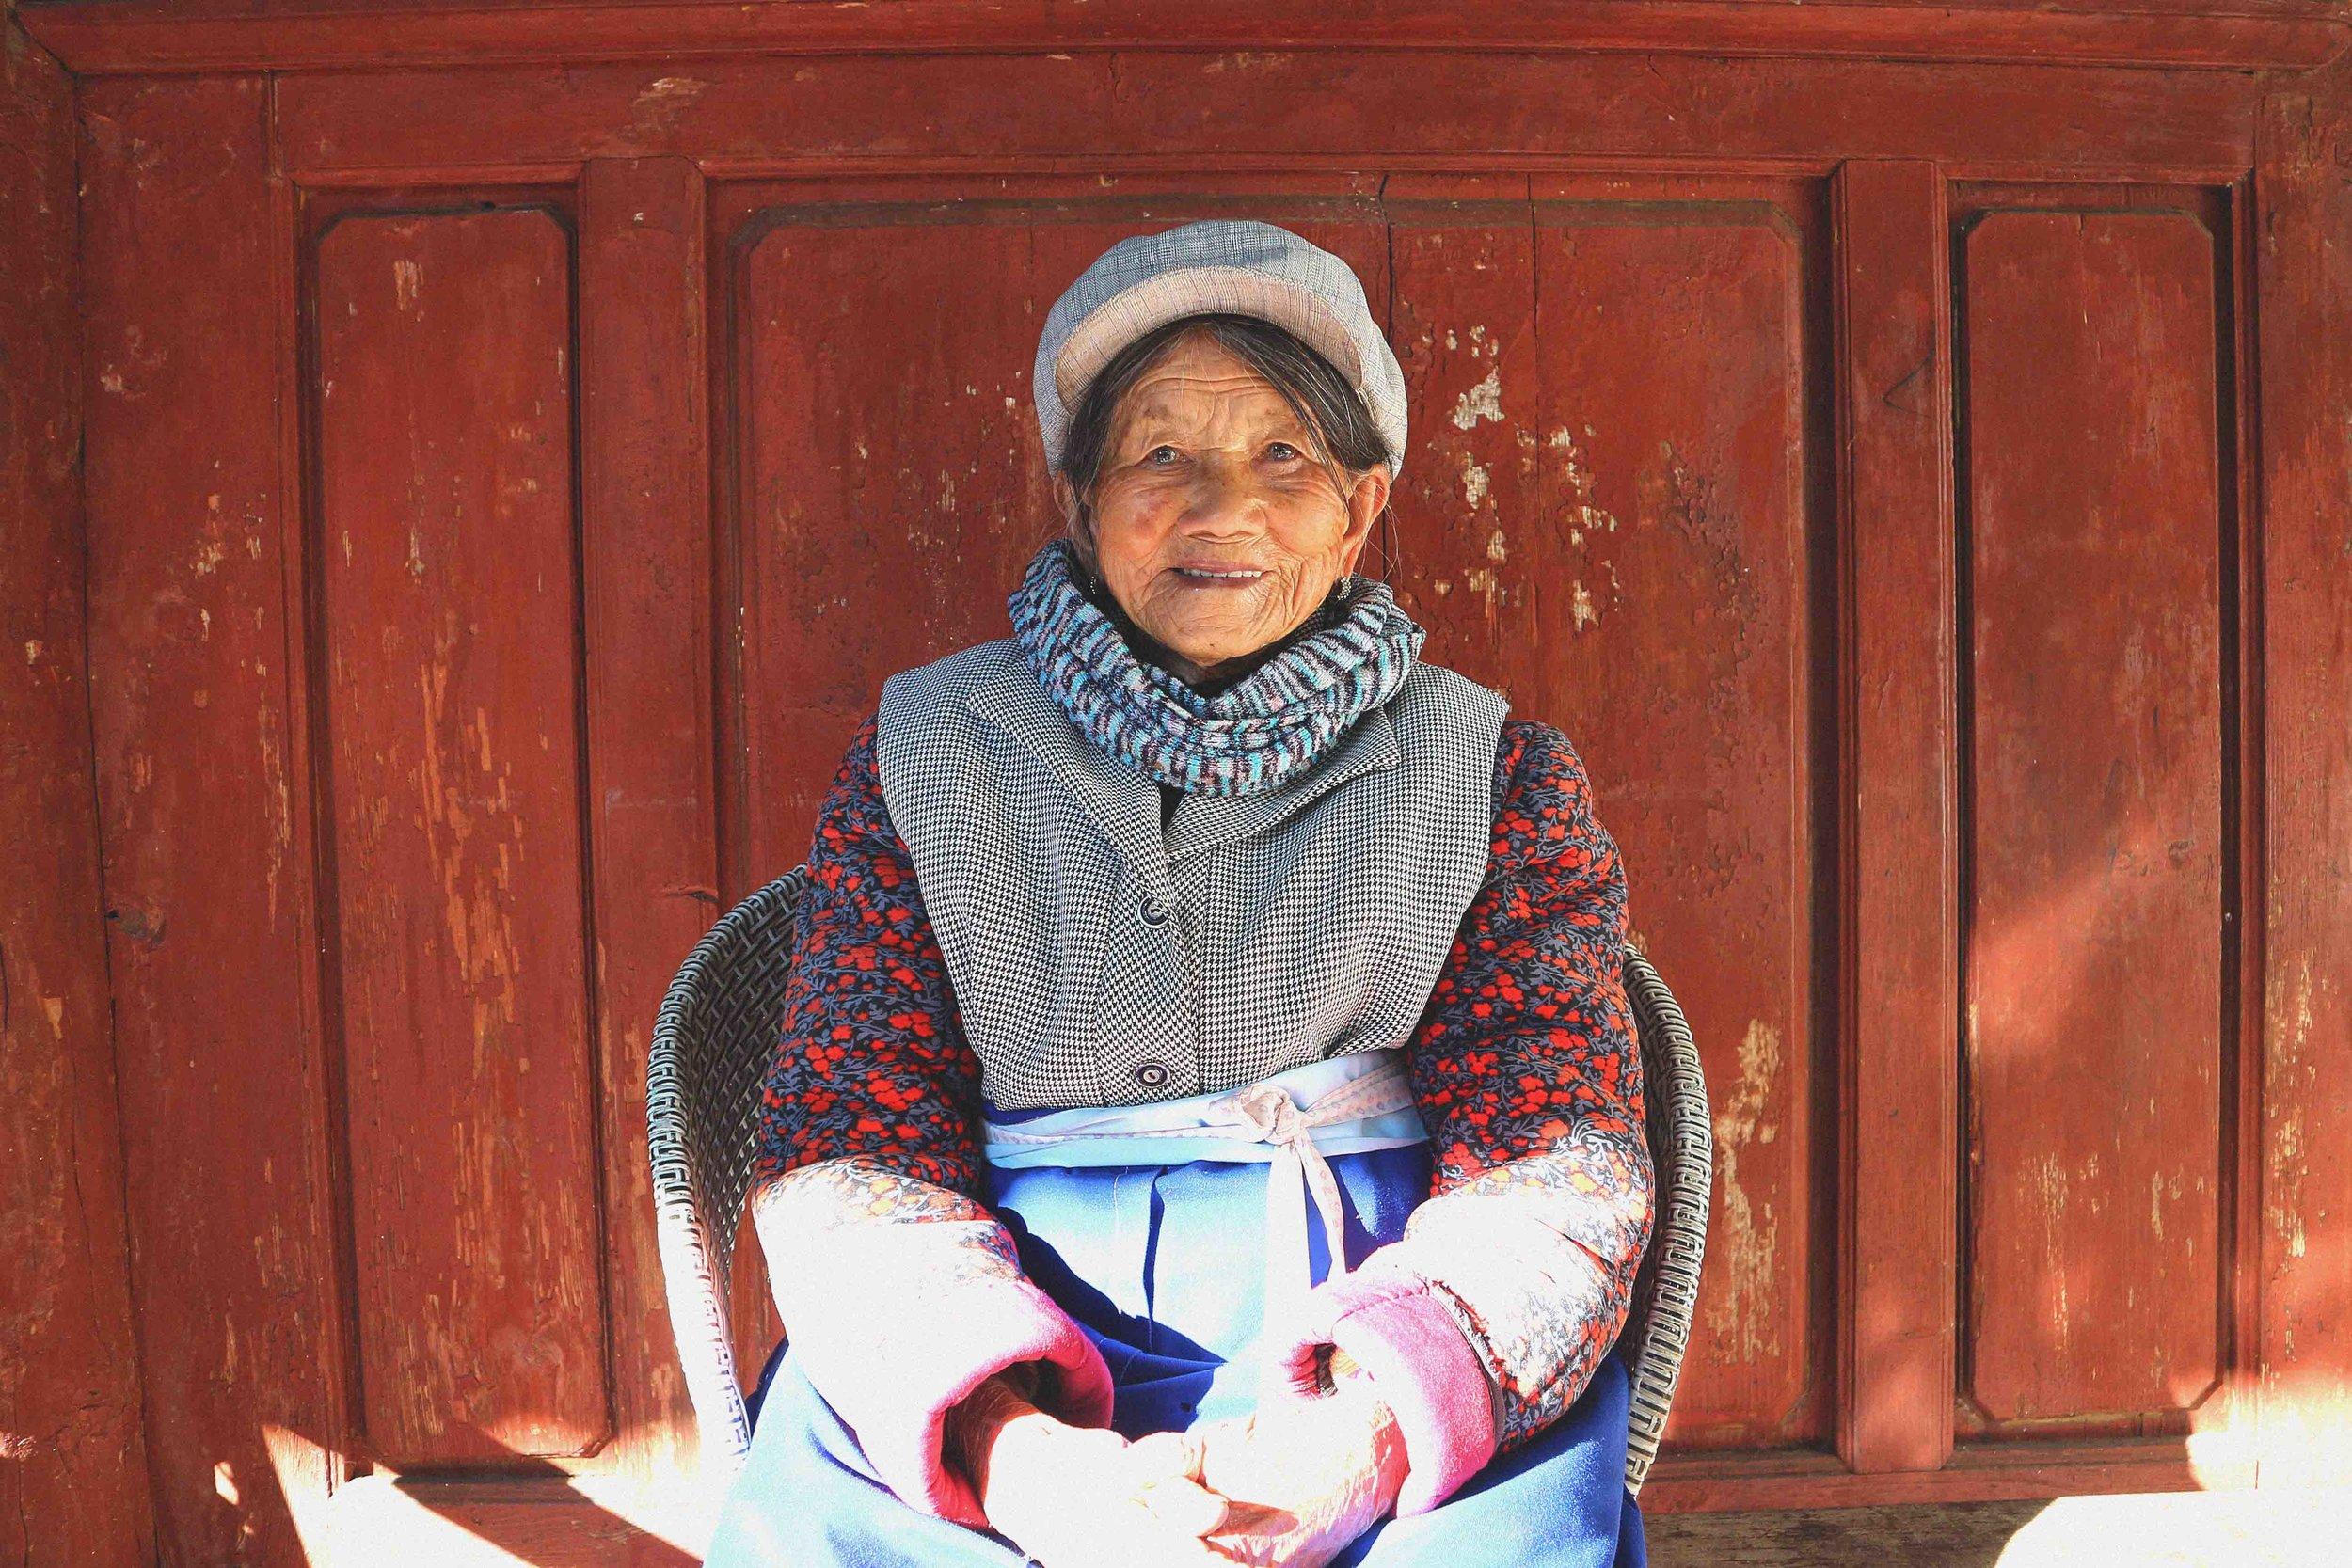 Grandma Lui beaming away